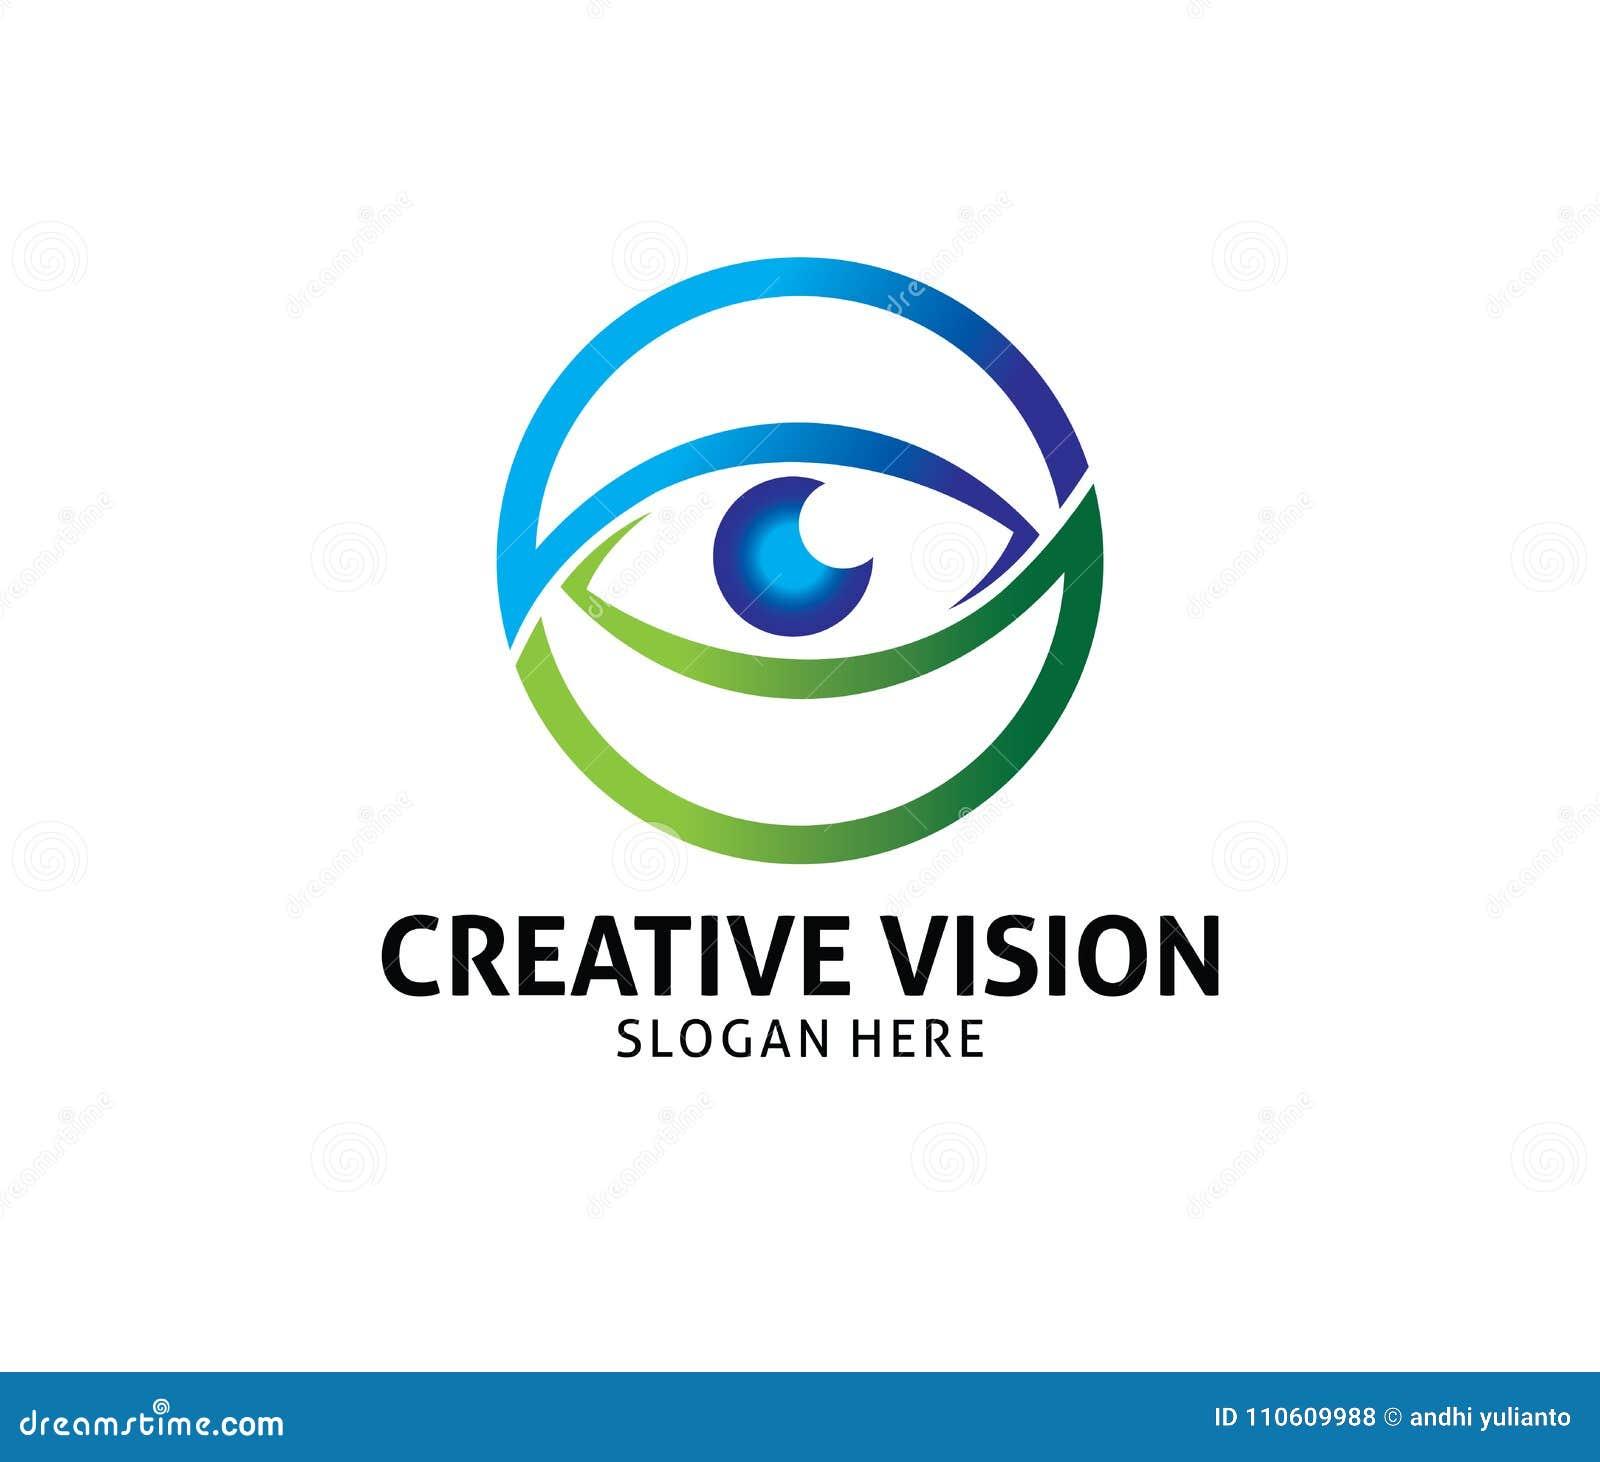 6bcd34a4476 Optical Technology Eye Future Vision Vector Logo Design Stock ...